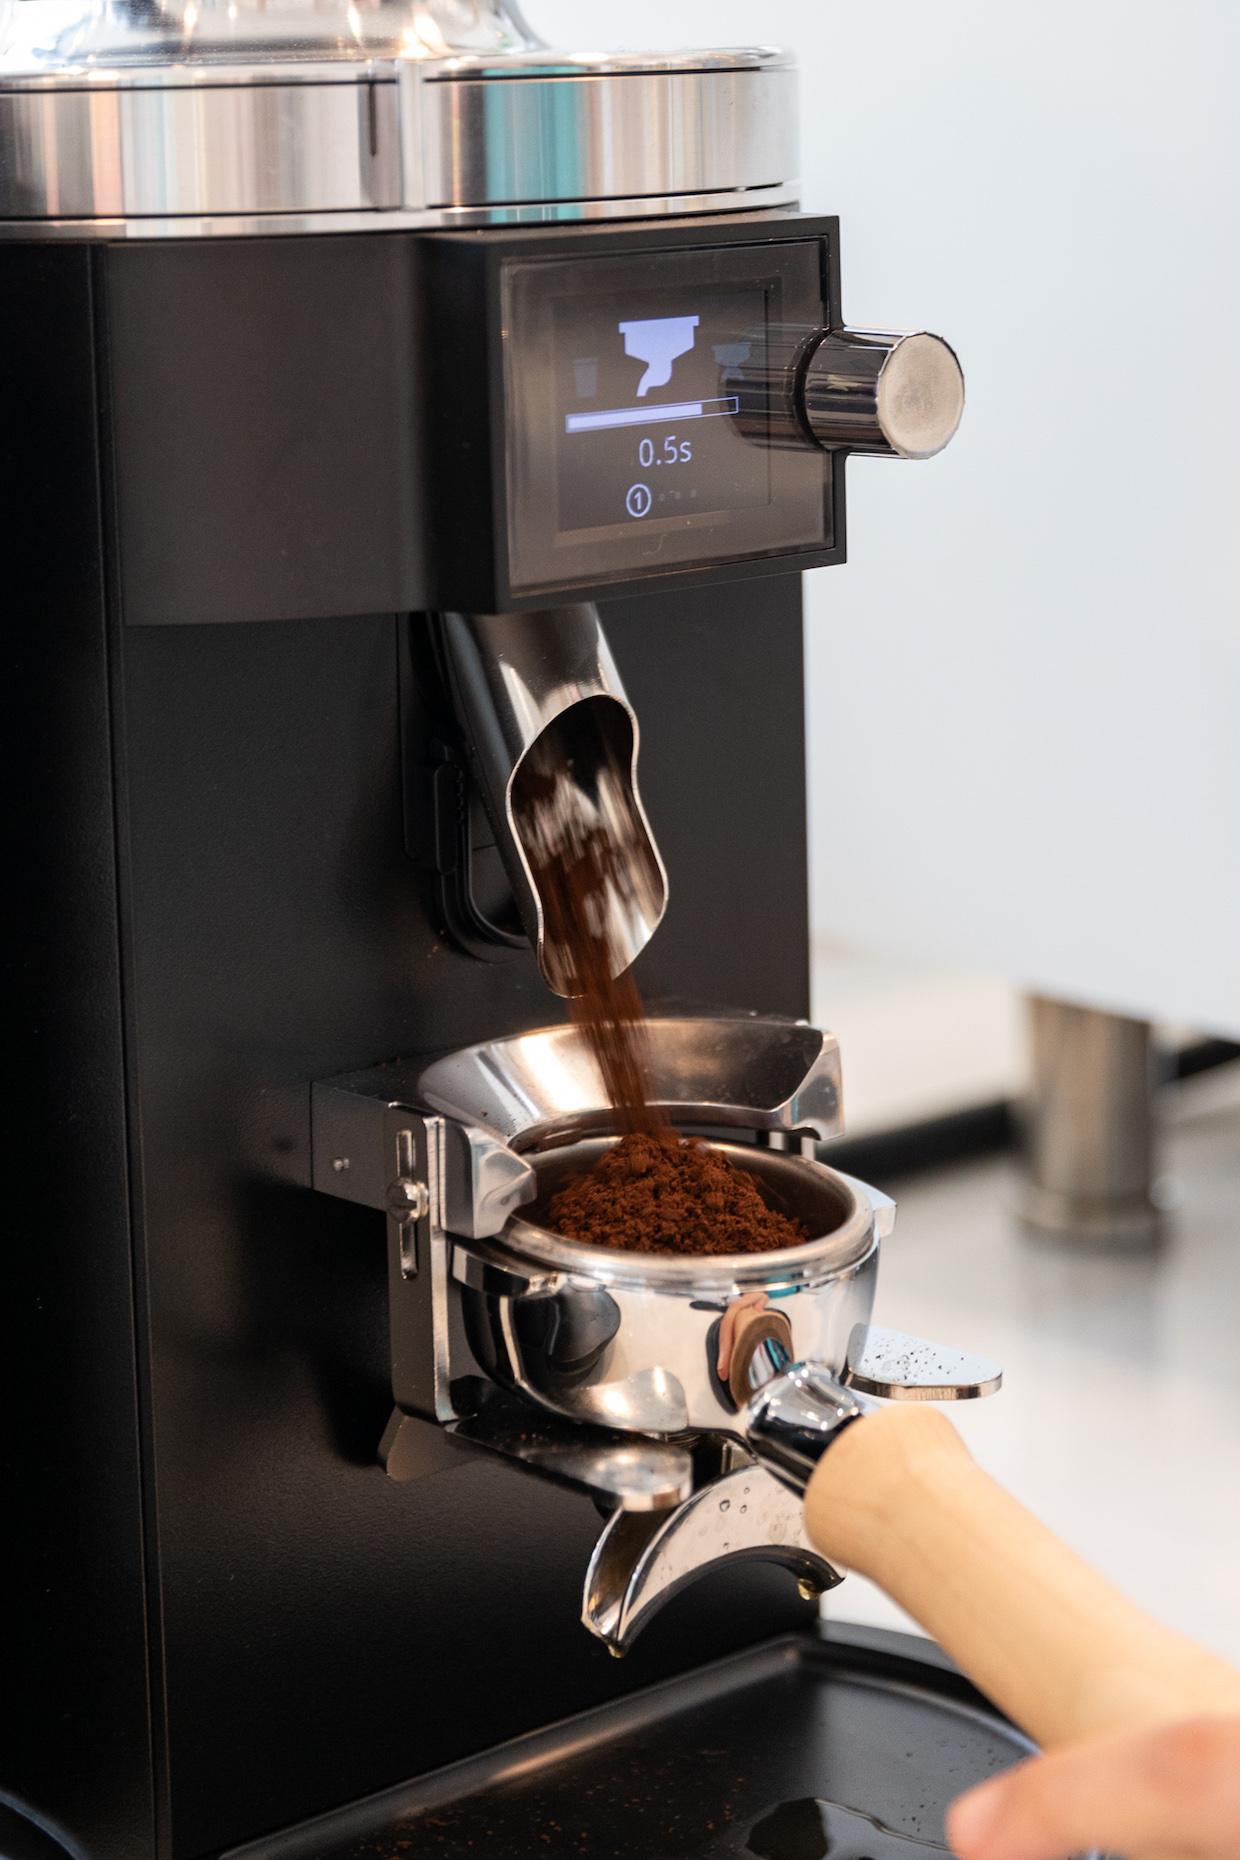 New Order coffee grinder